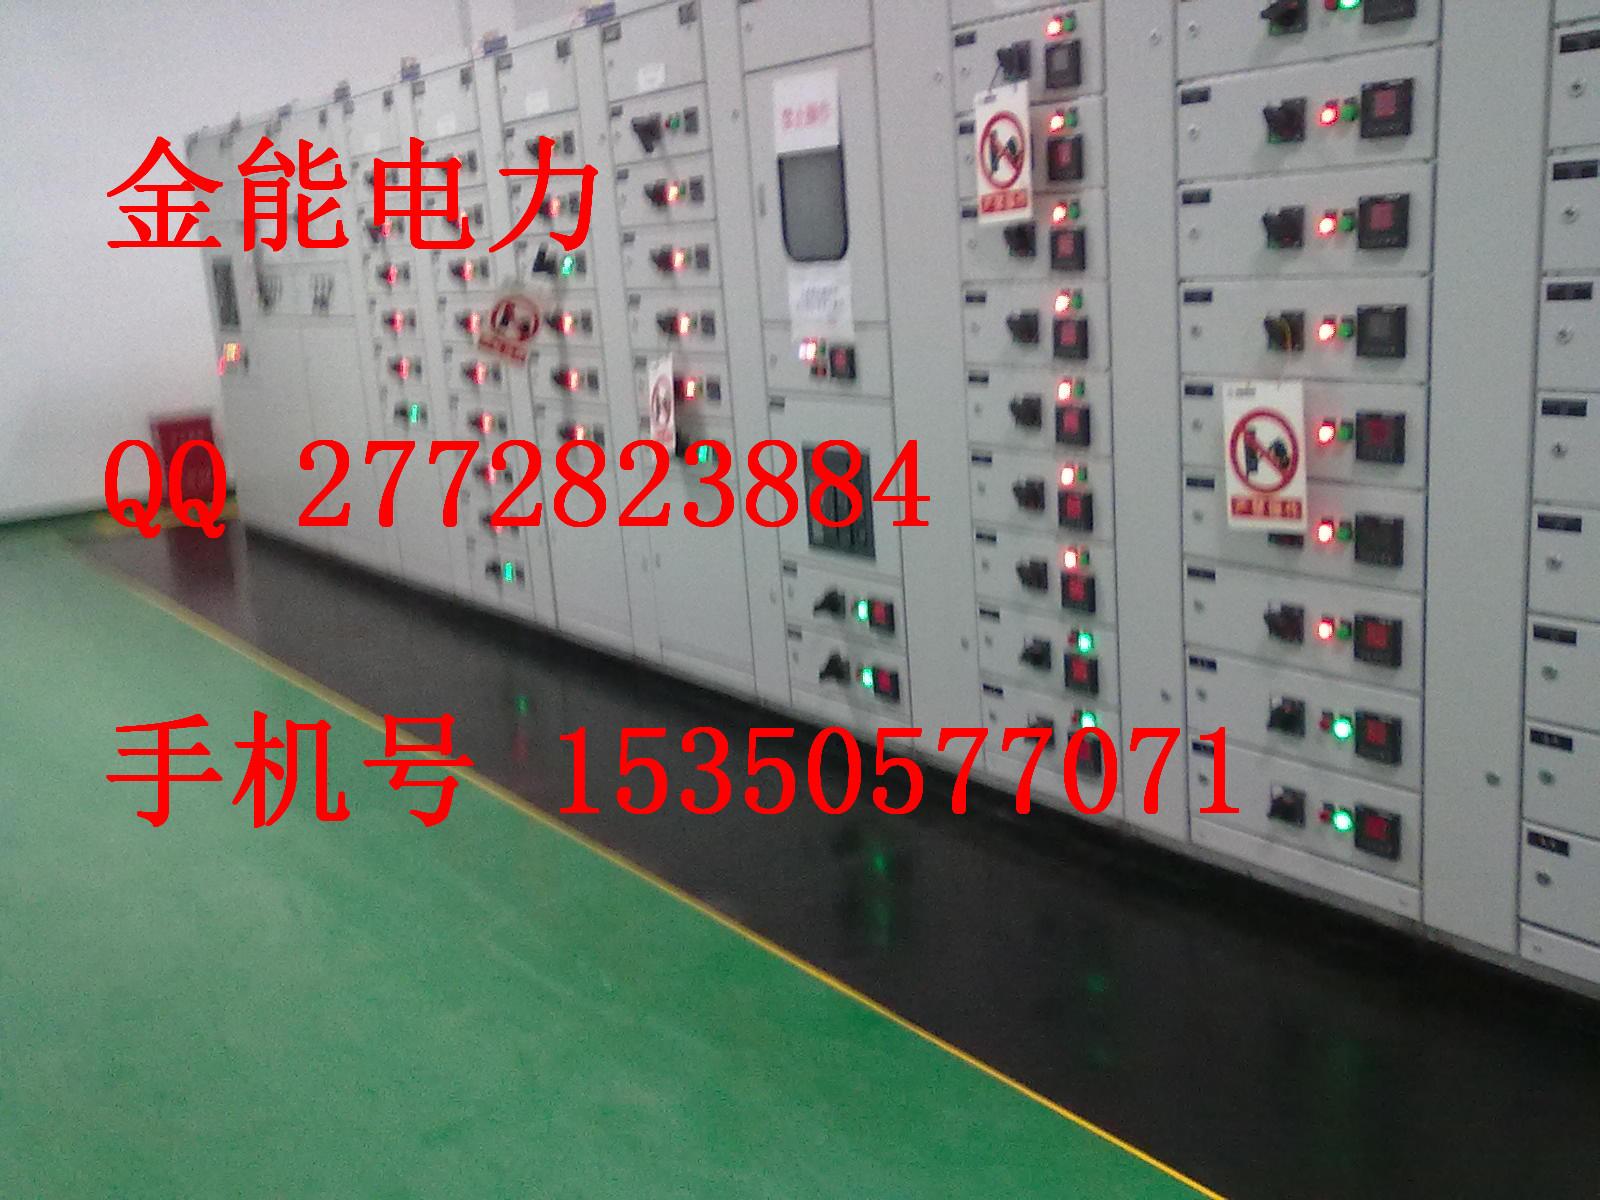 廊坊市发电厂,直销,3mm厚黑红绿色绝缘地胶专业检测报告